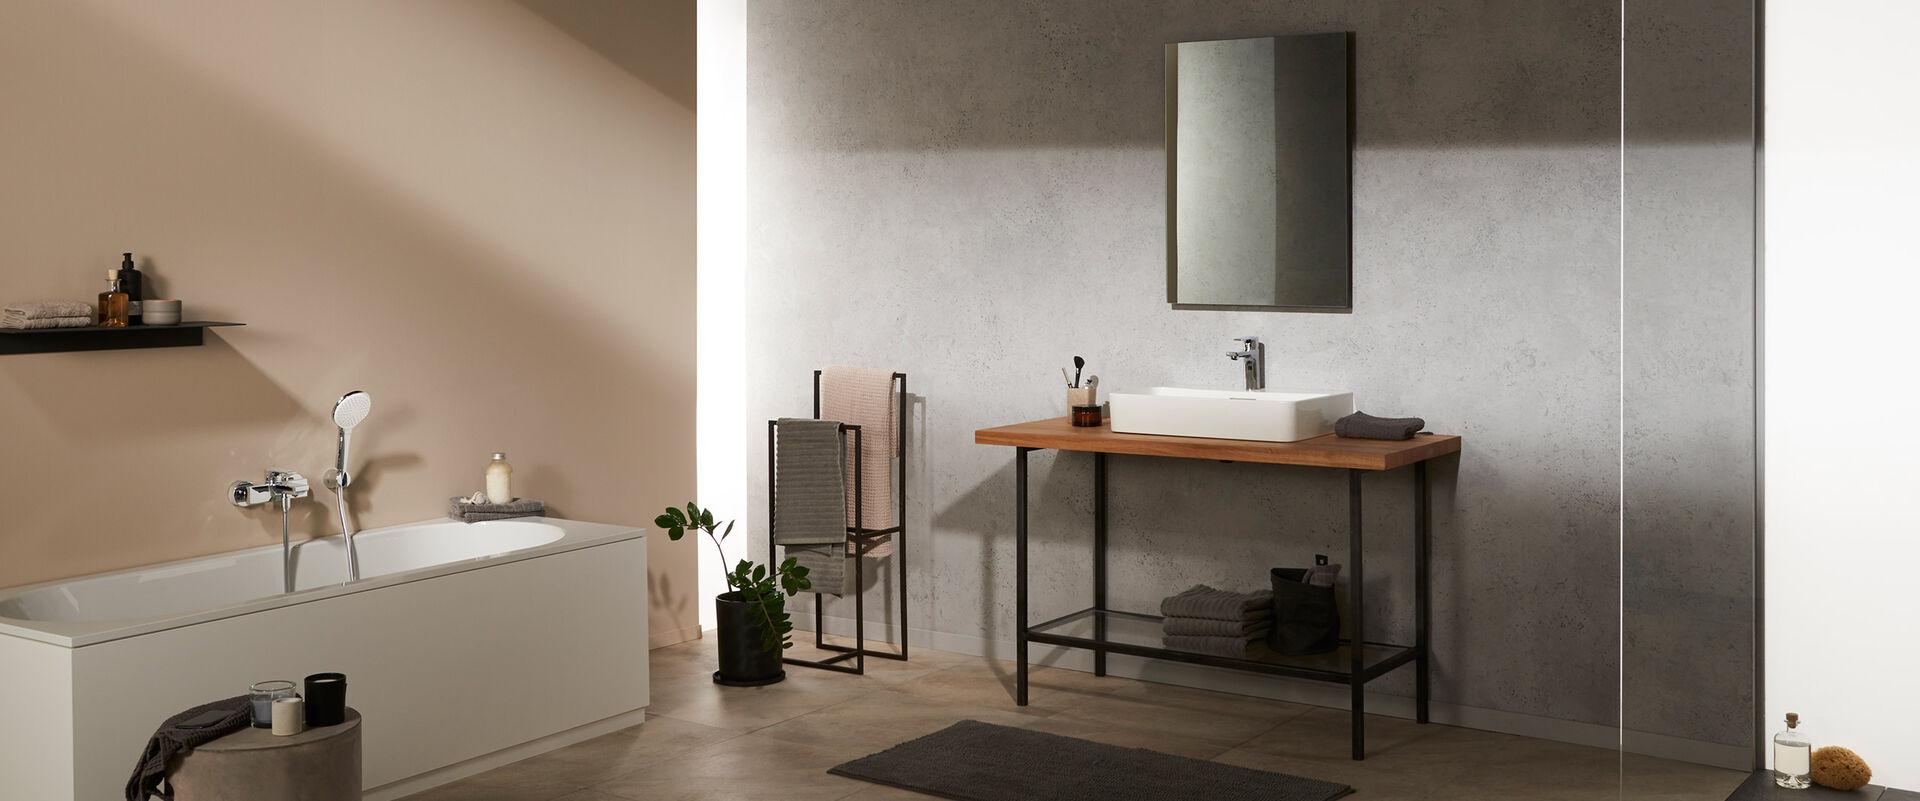 SPLASH-Bad | Badezimmer Ideen für das neue Traumbad